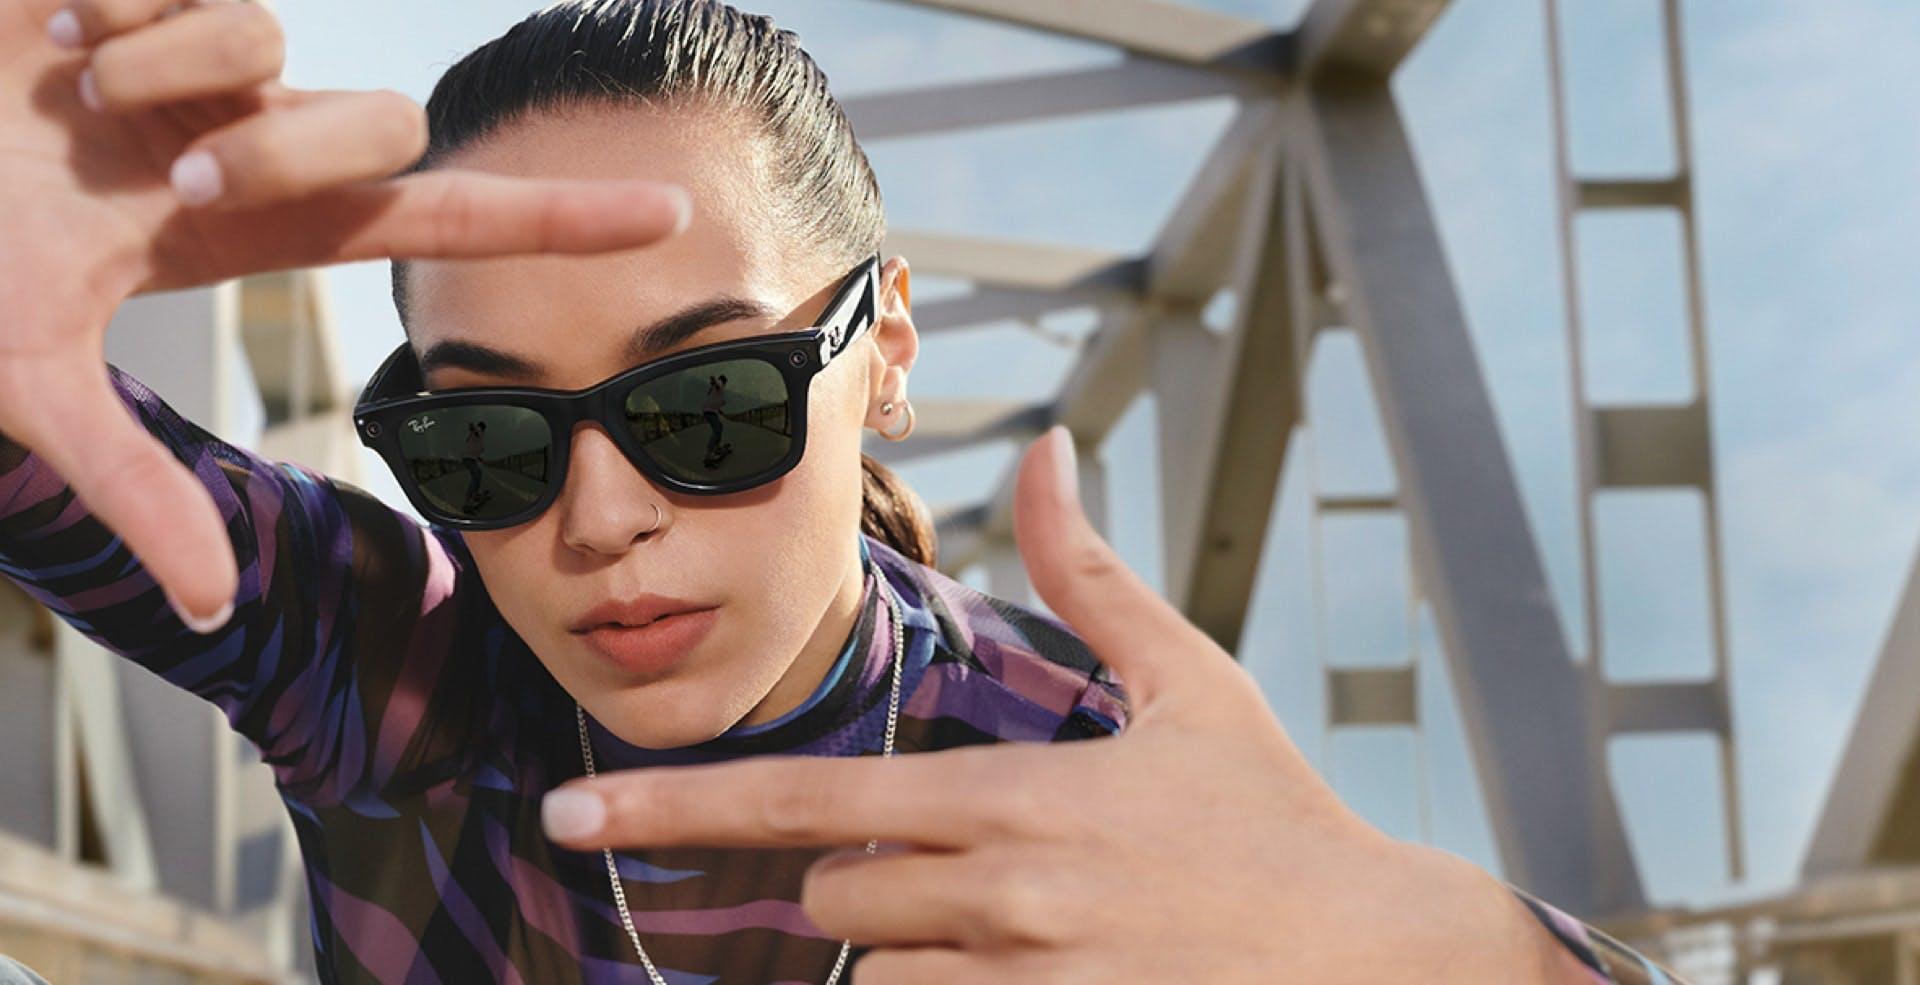 Ecco Ray-Ban Stories: gli occhiali smart di Facebook che catturano foto, video e funzionano da auricolari